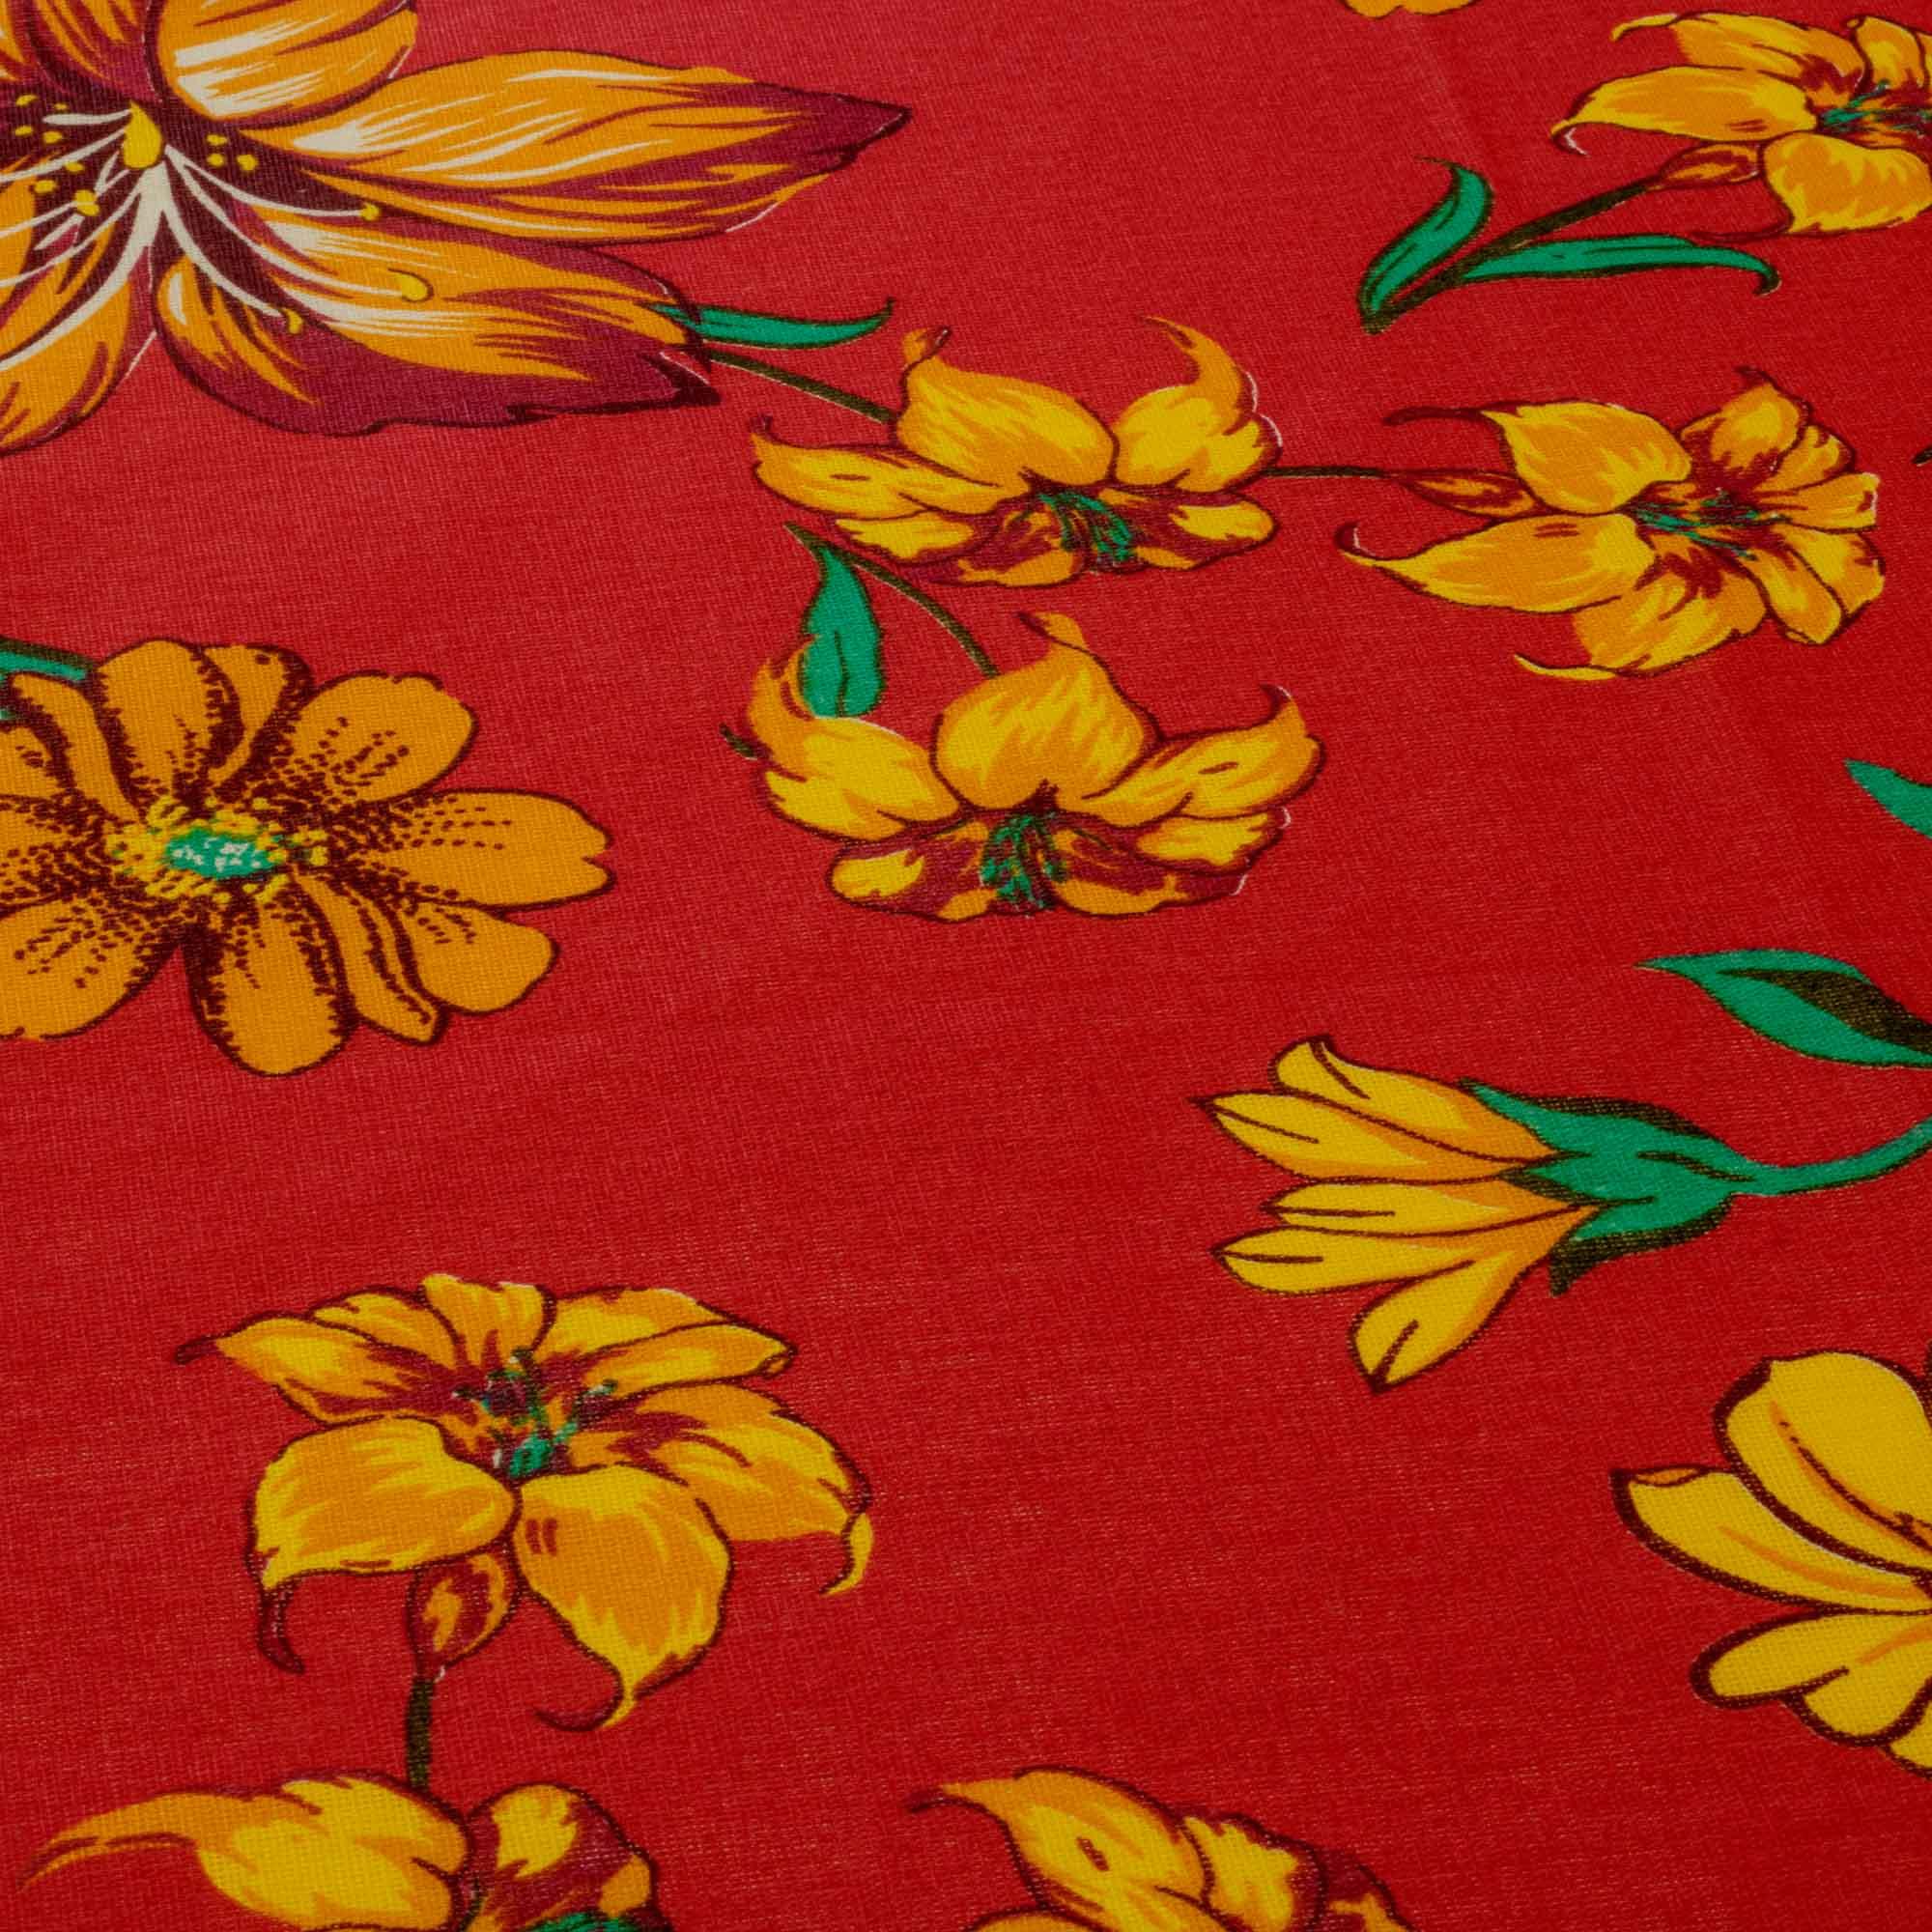 Tecido Chitão Estampado Flores 100% Algodão Vermelho